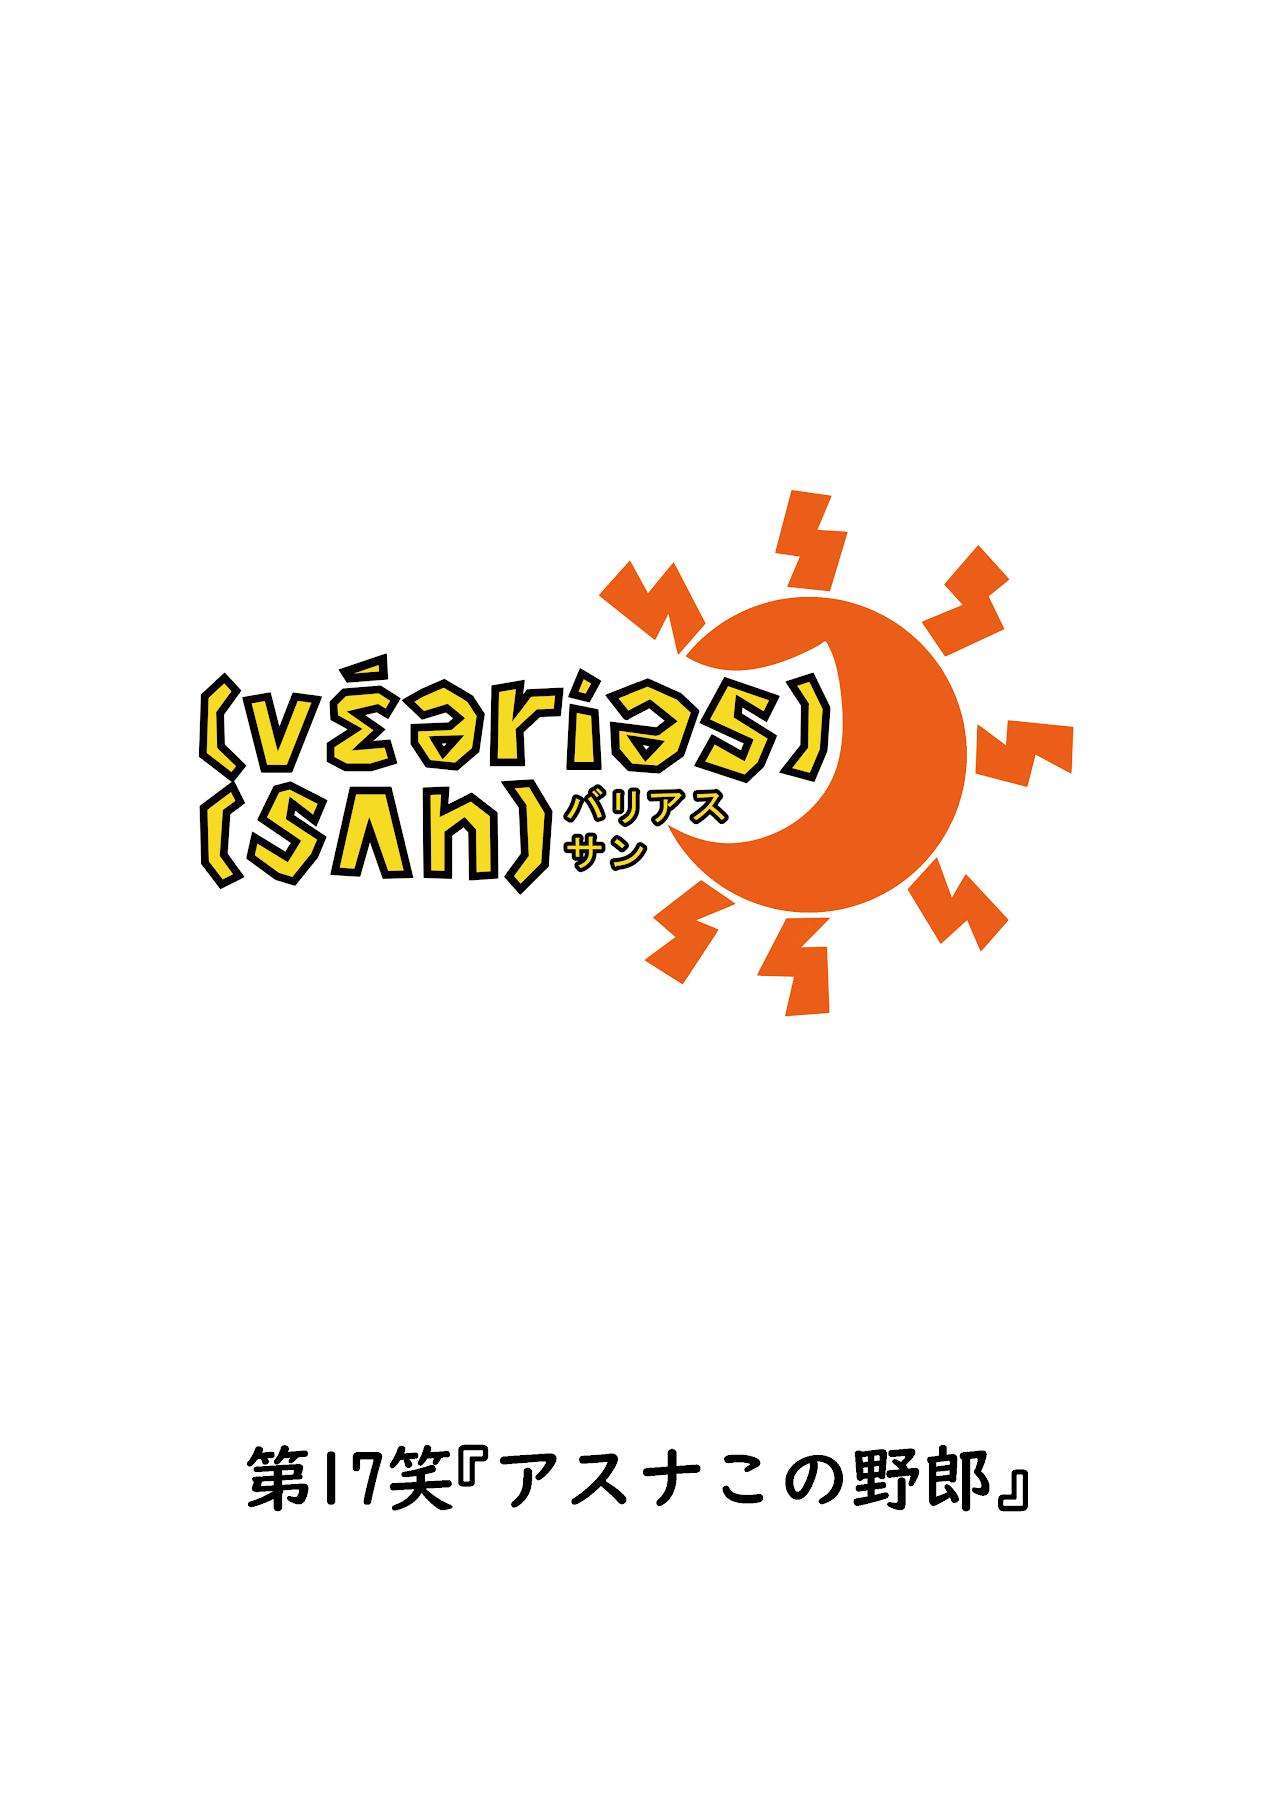 バリアス・サン17_1